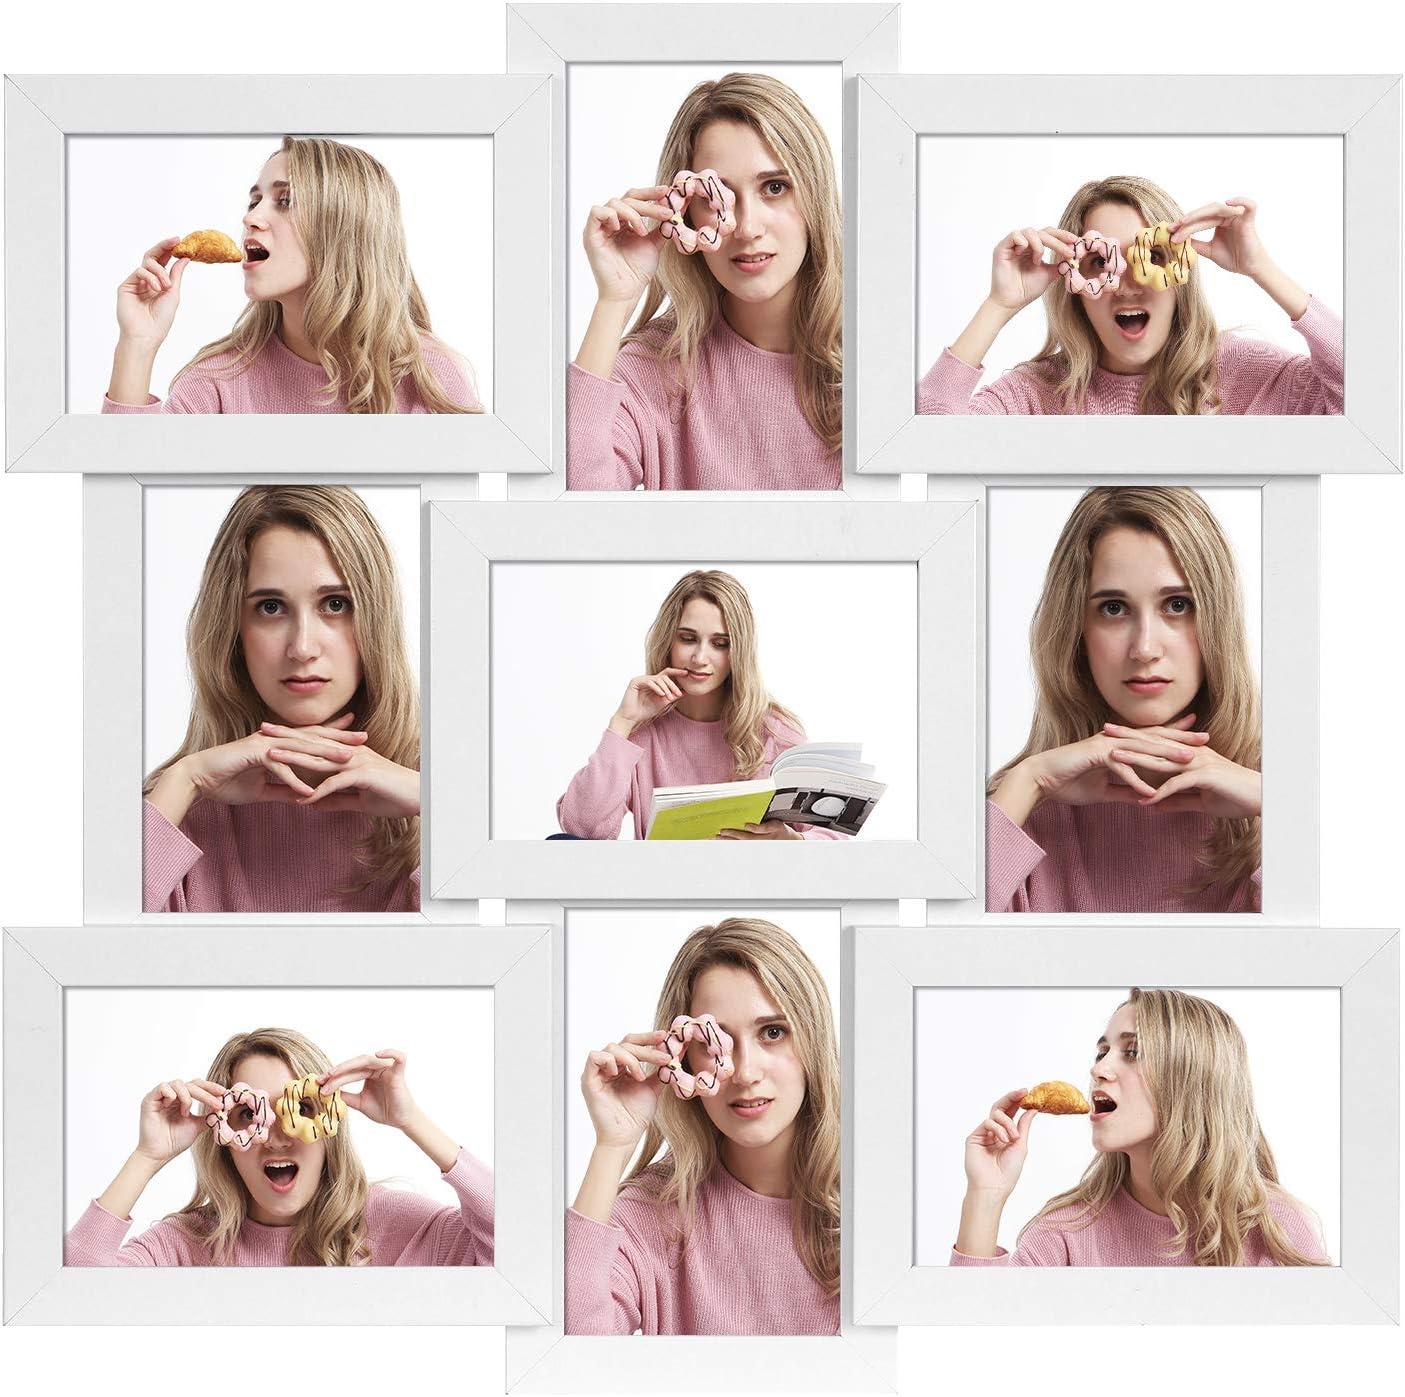 SONGMICS Collage de Marco para 9 Fotos, 10 x 15 cm de Cada Uno, para Colgar, para Fotos Familiares, MDF, Protección de Vidrio, Blanco RPF029W01